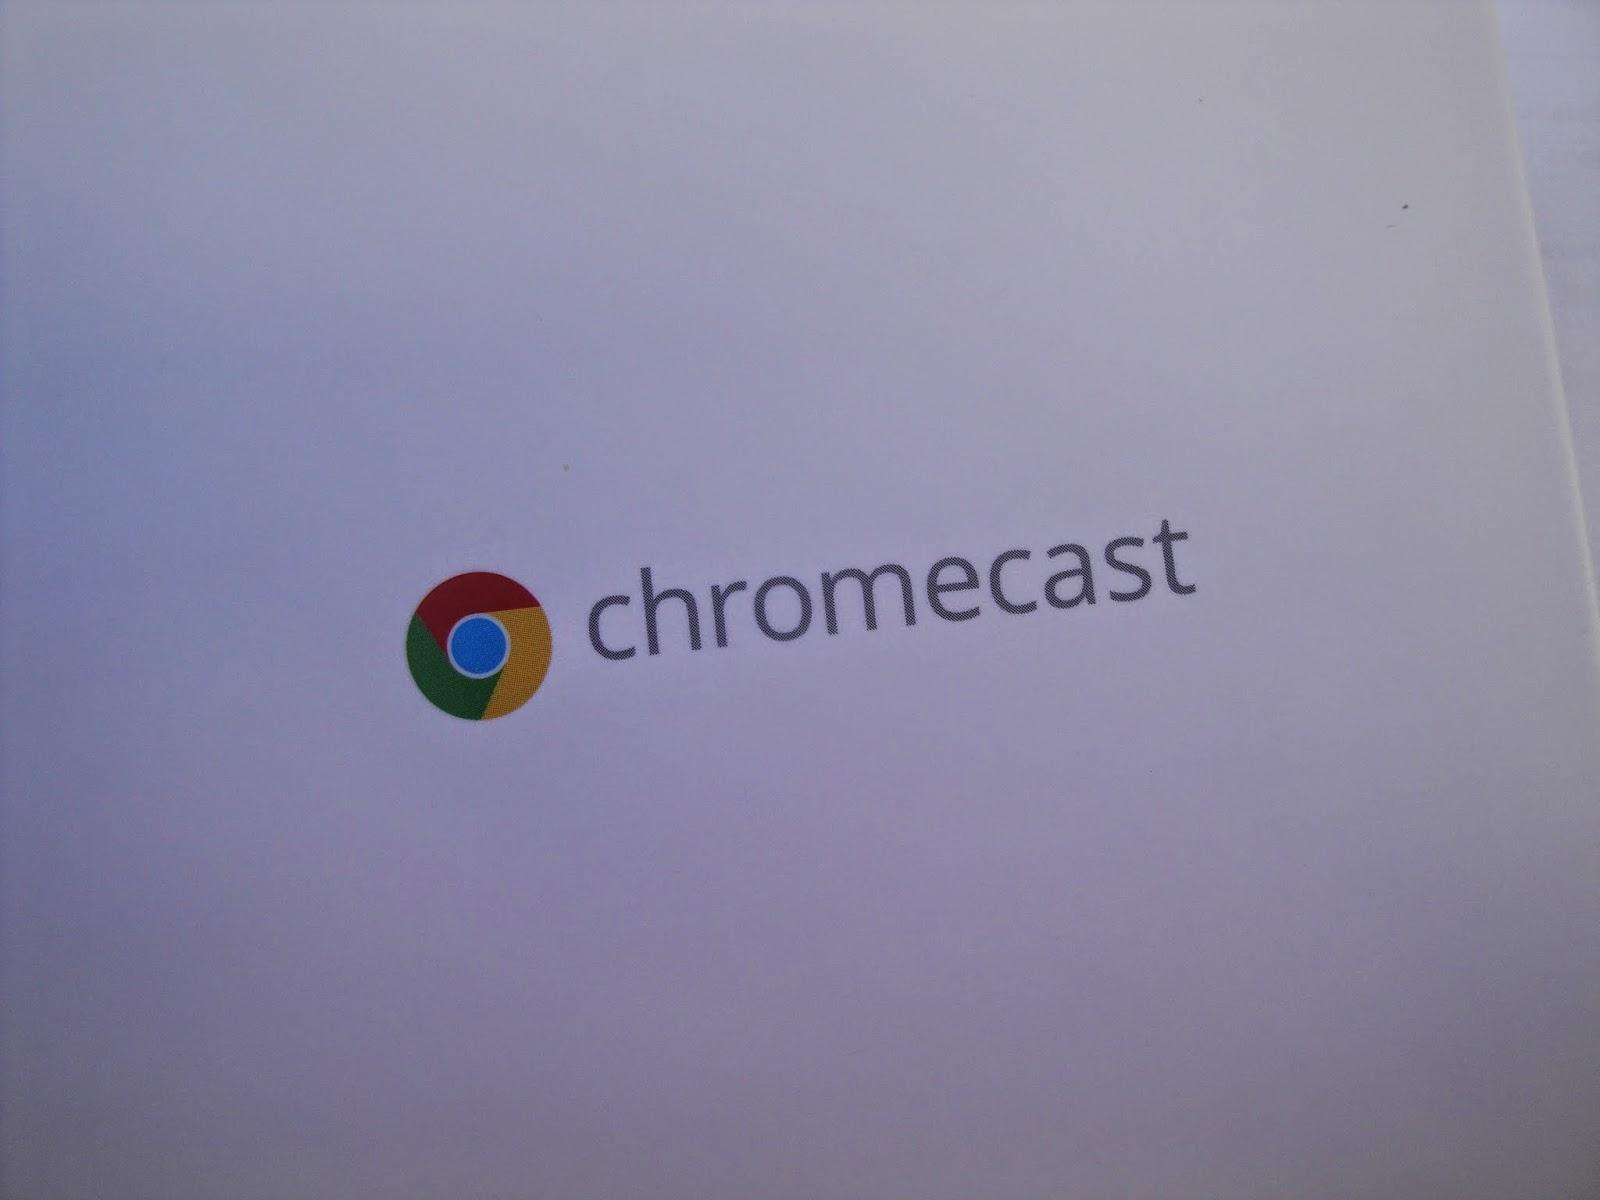 Caixa do chromecast®